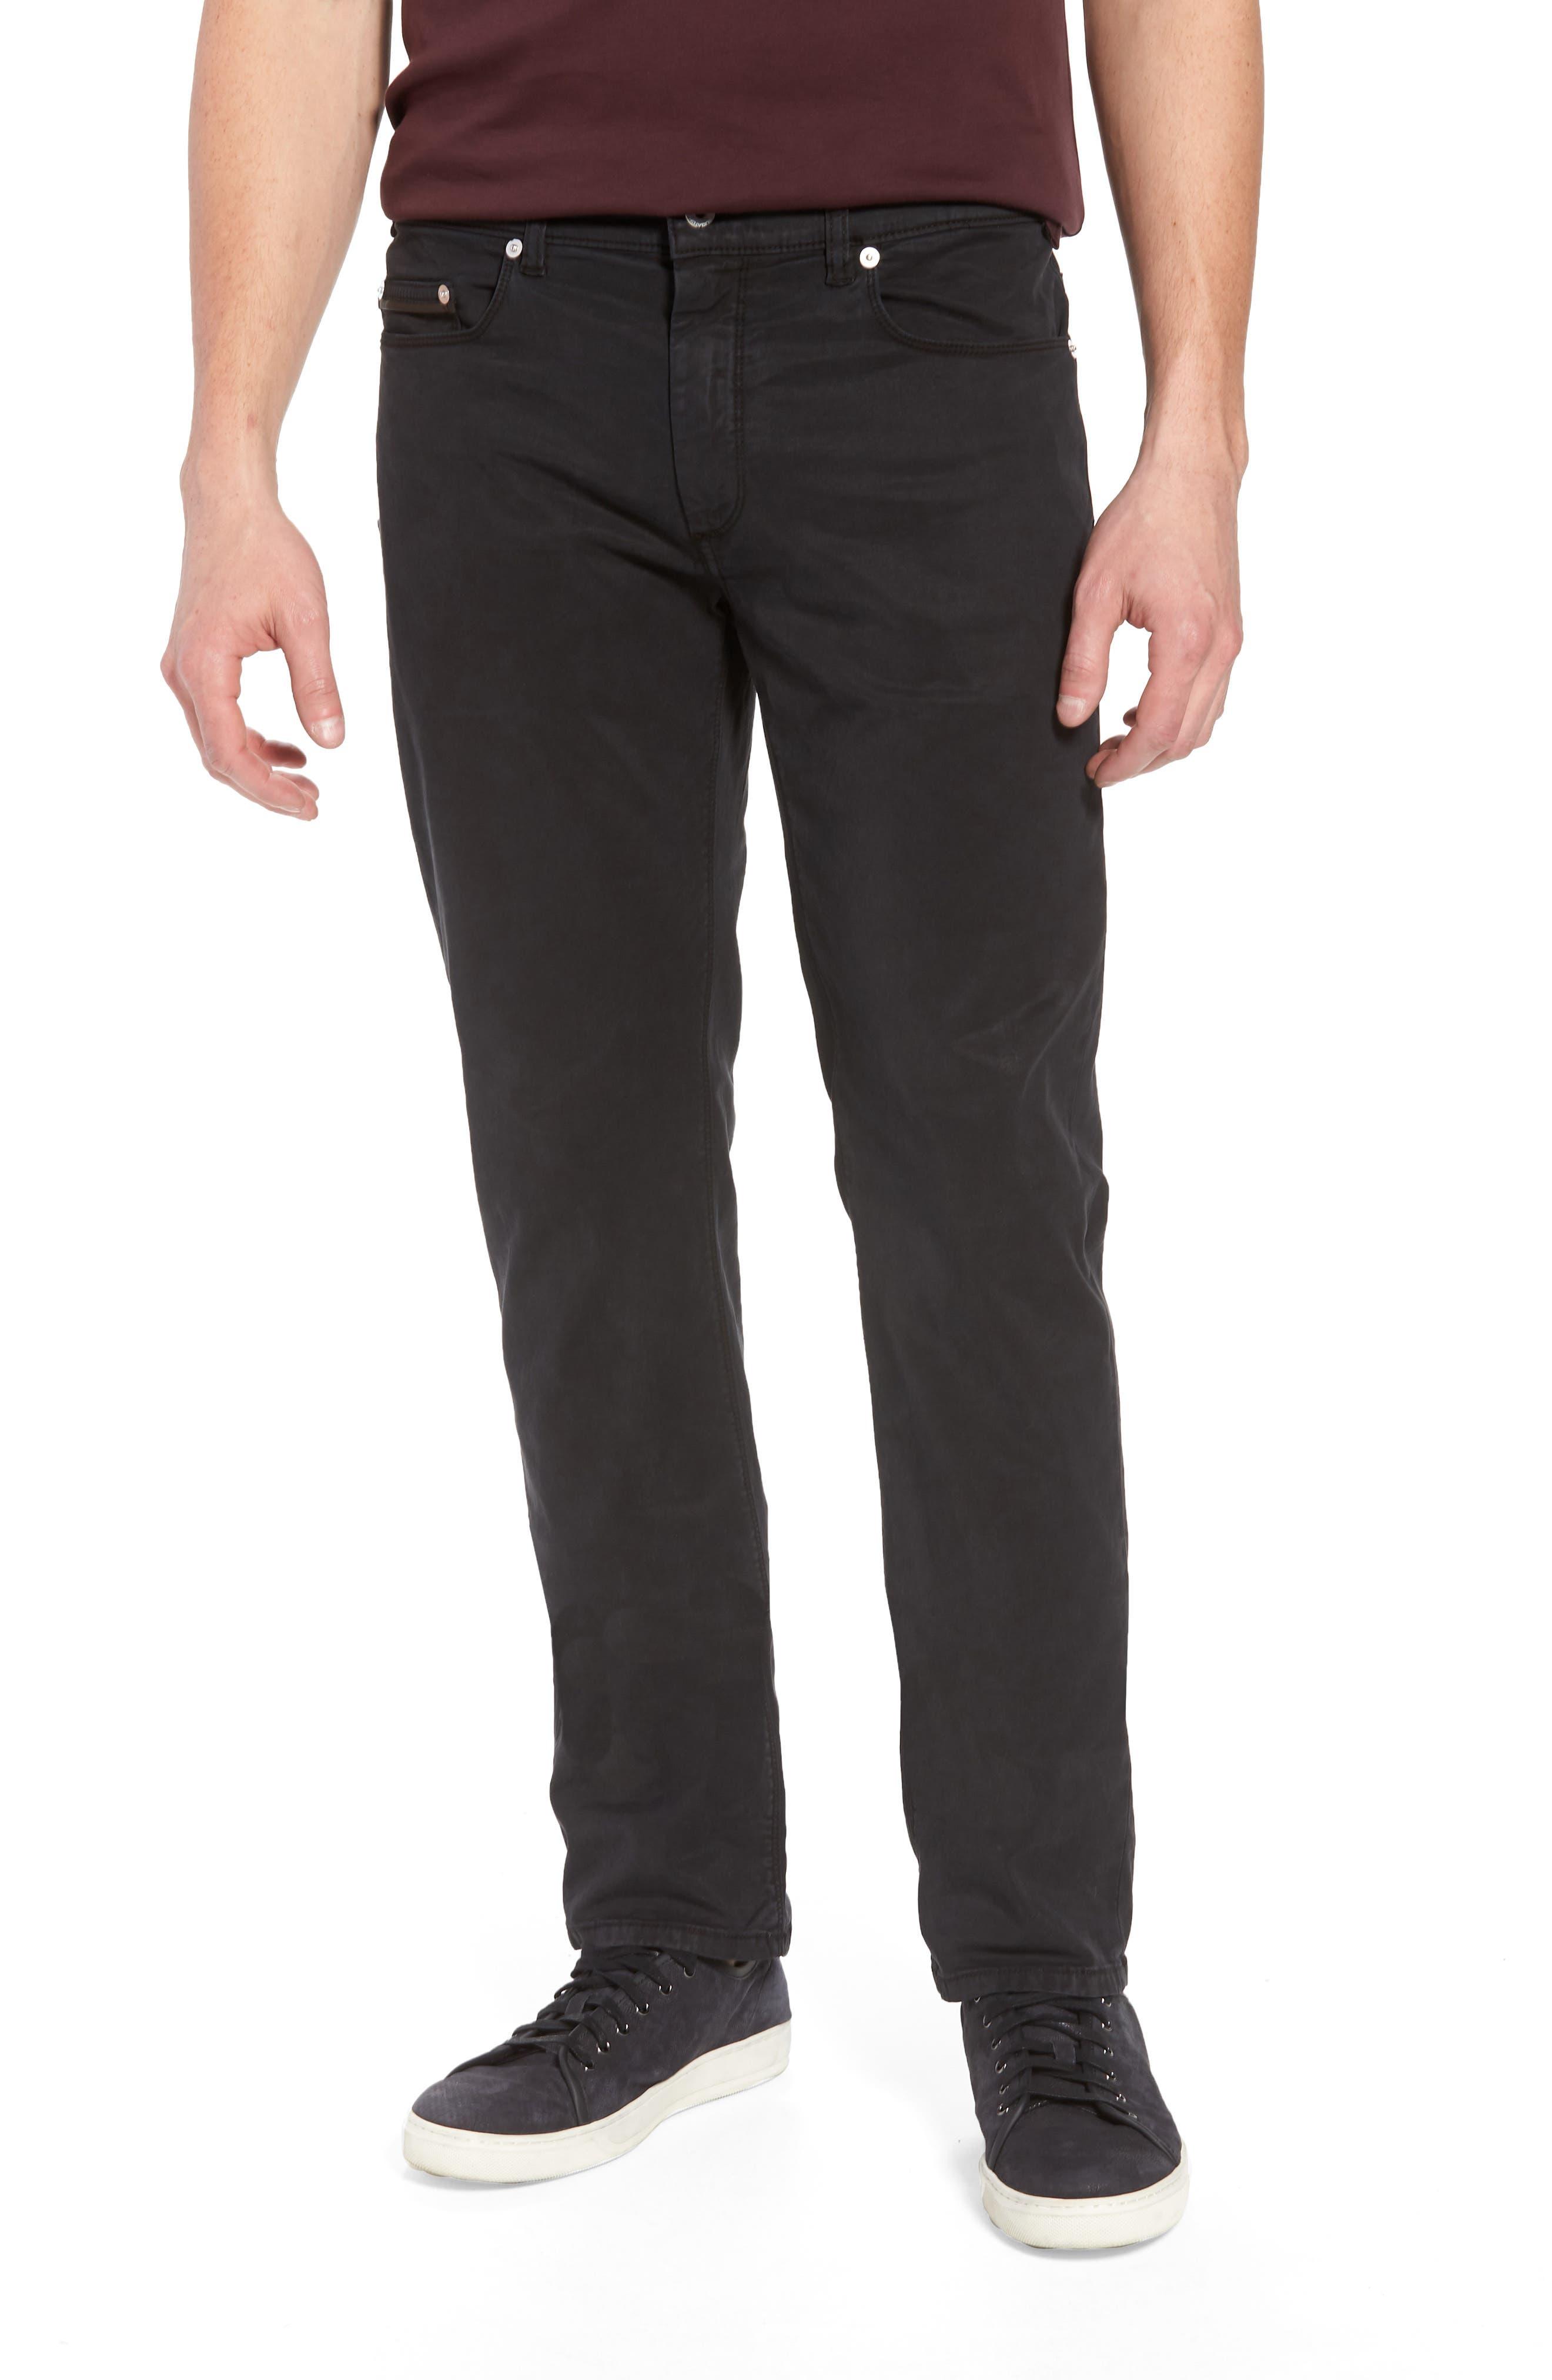 Trim Fit Pants,                             Main thumbnail 1, color,                             001